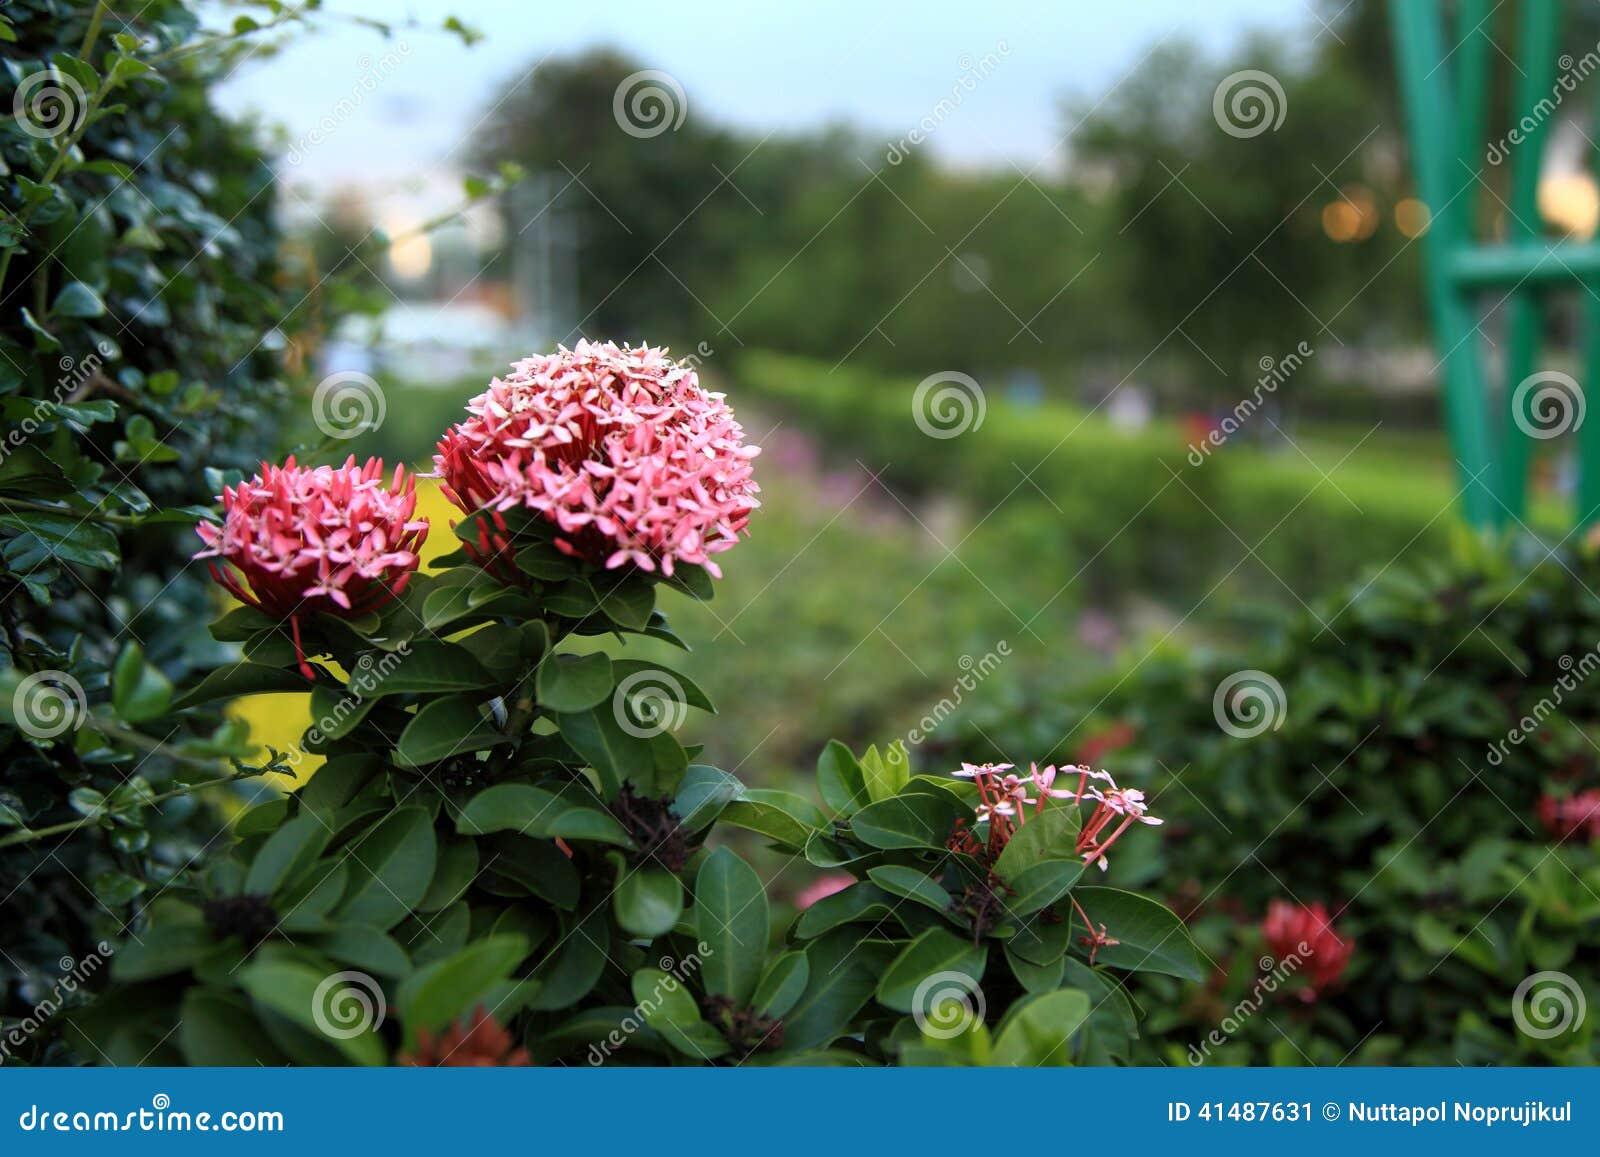 Jungle geranium (Ixora coccinea). pink color